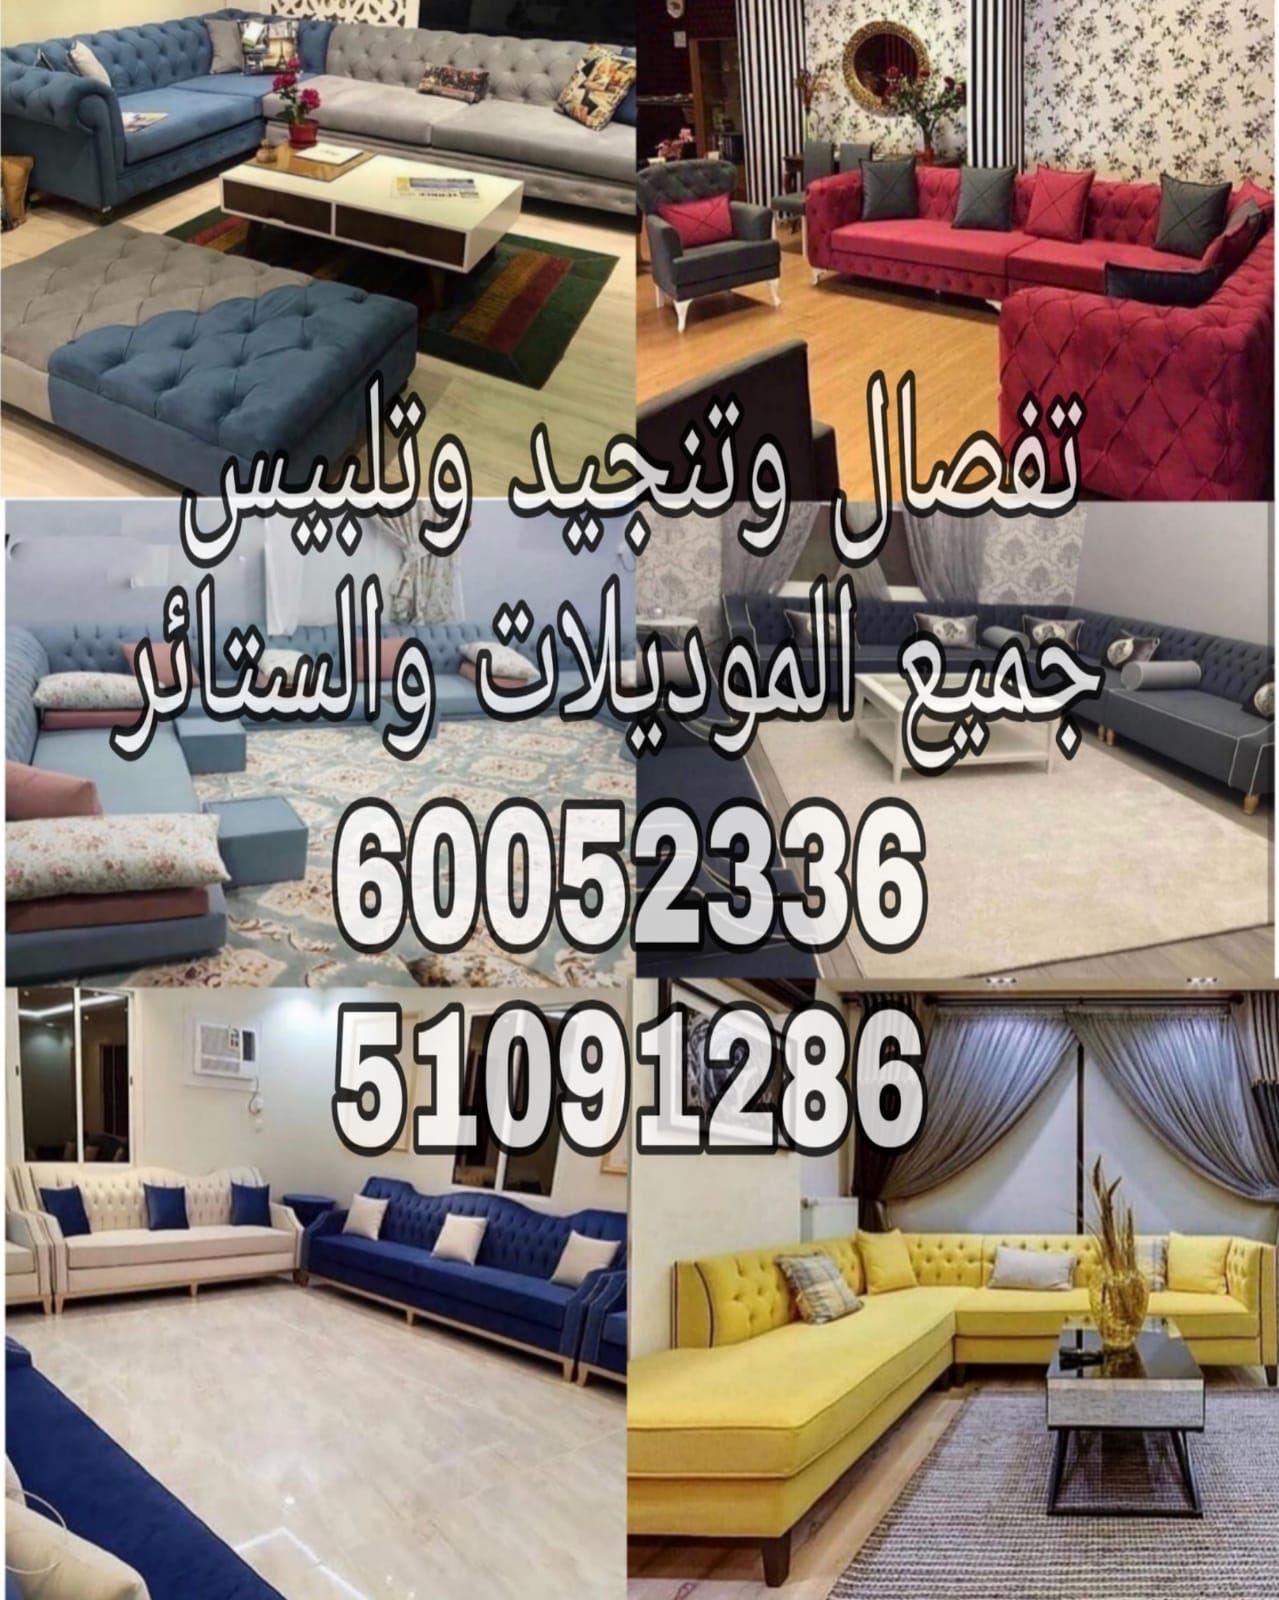 تفصال وتنجيد Home Decor Decals Home Decor Decor